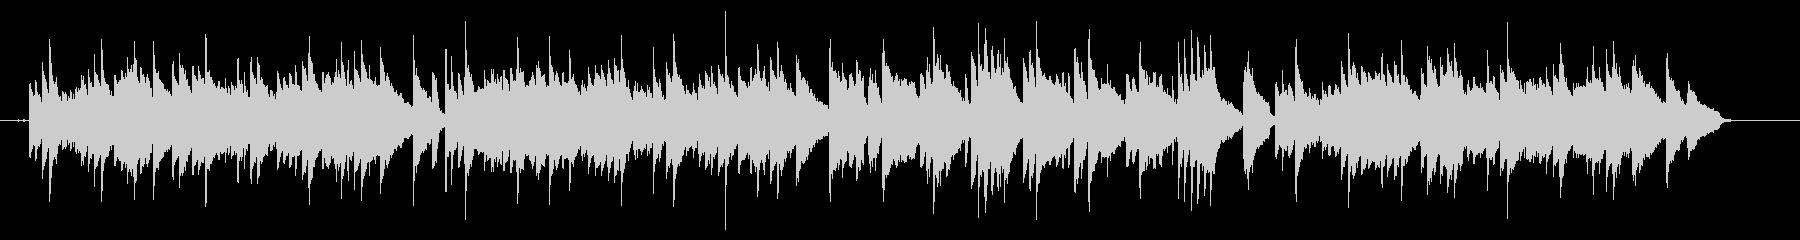 ピアノ主体の少し和風なヒーリング曲の未再生の波形